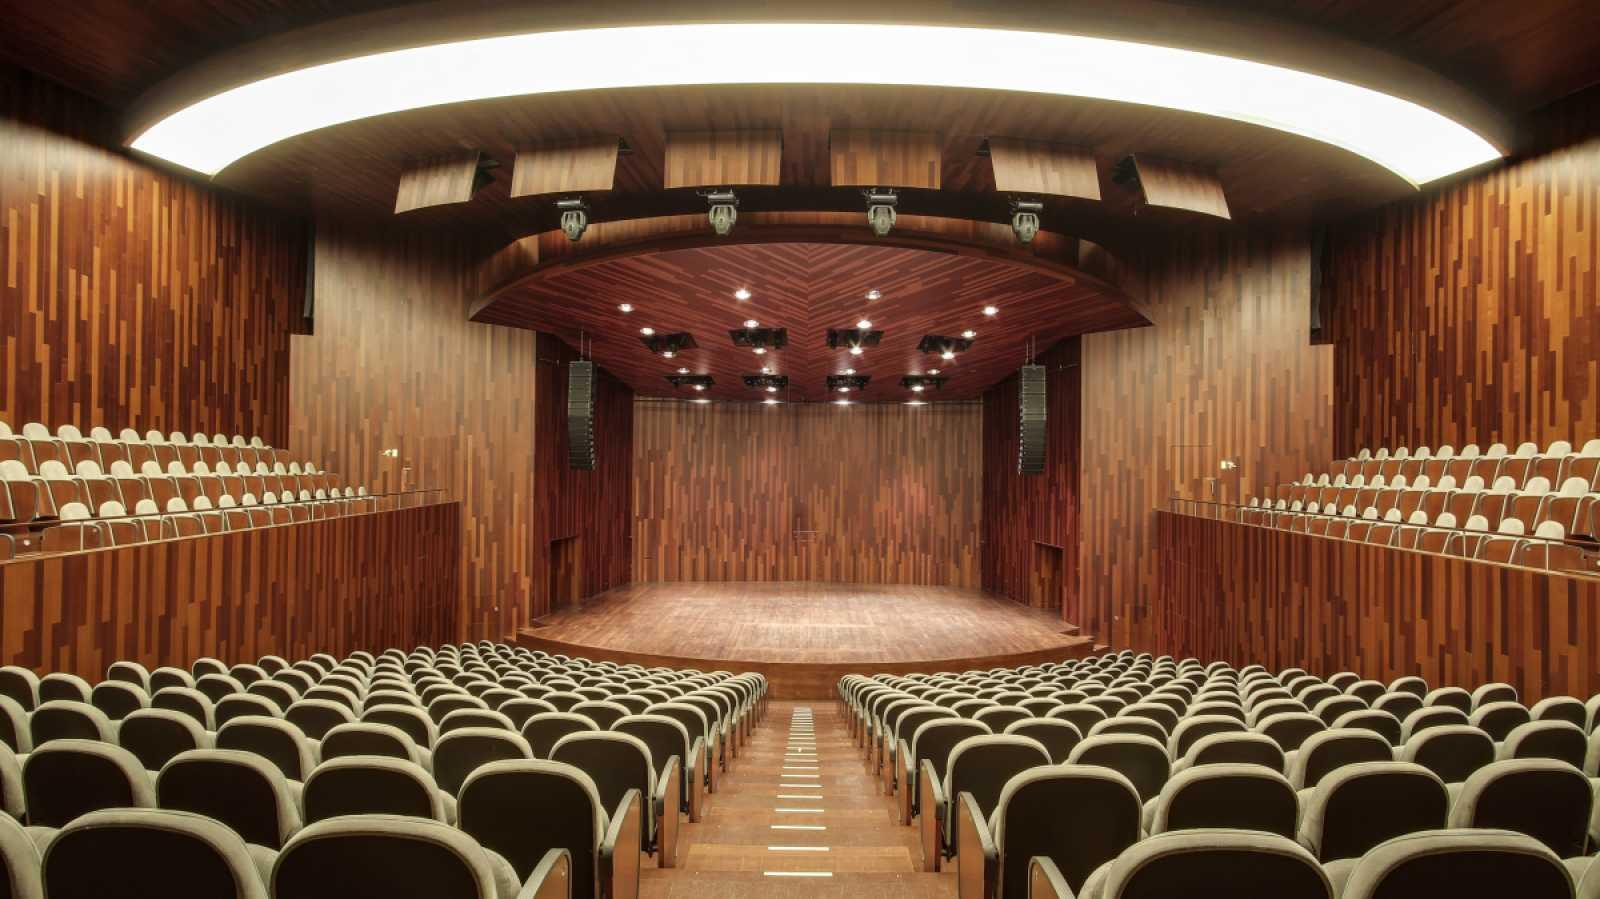 Los conciertos de Radio Clásica - Música de Cámara de la Orquesta y Coro de RTVE - 11/02/17 - escuchar ahora